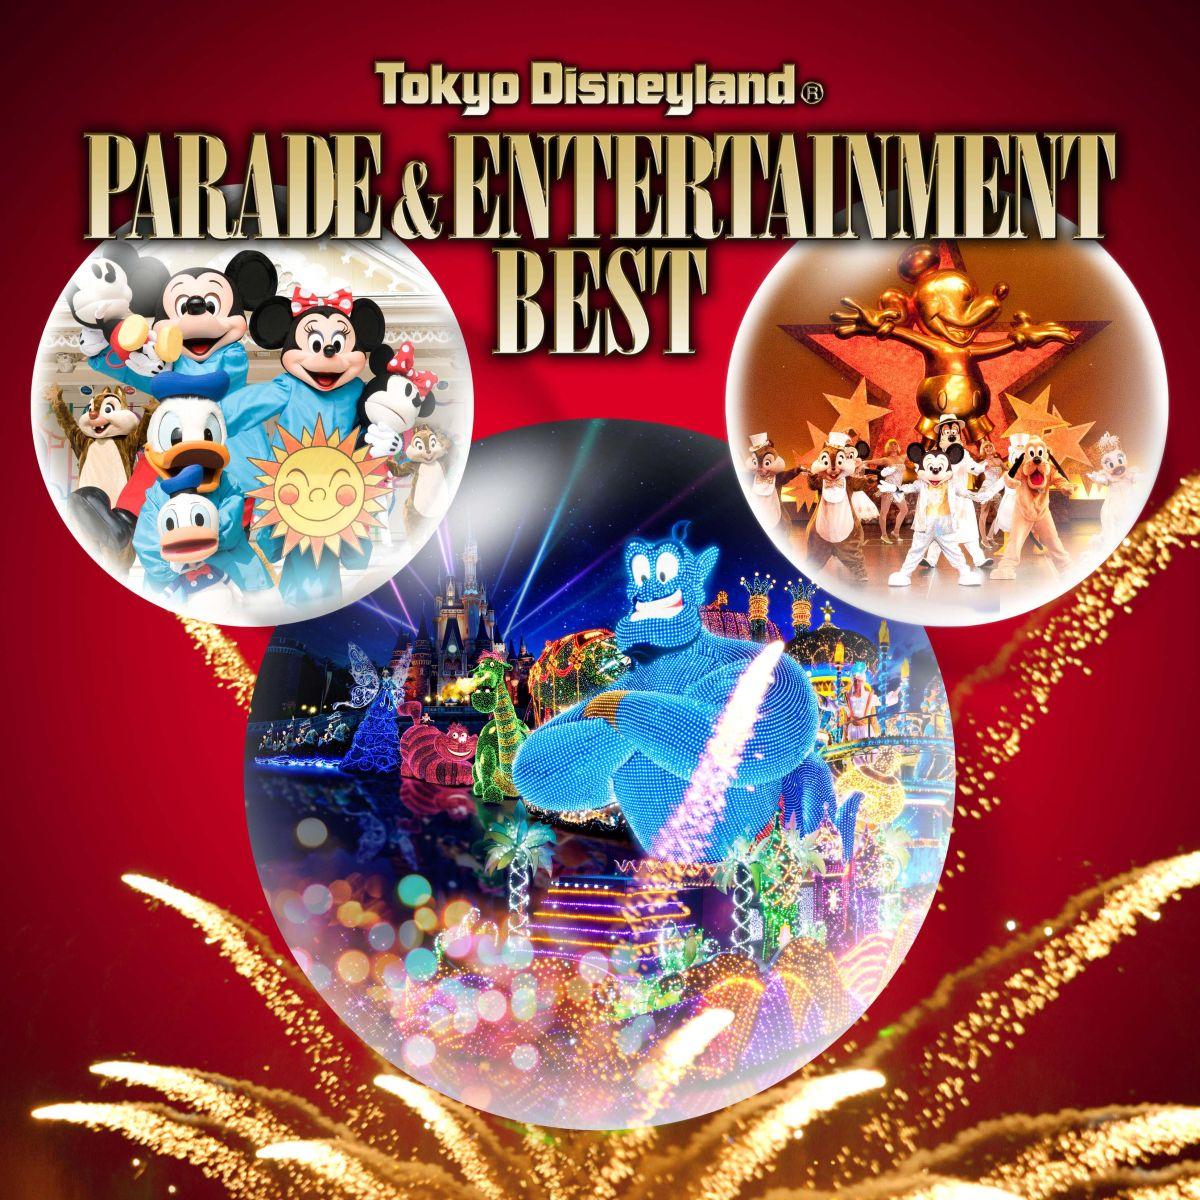 楽天ブックス: 東京ディズニーランド パレード&エンターテインメント